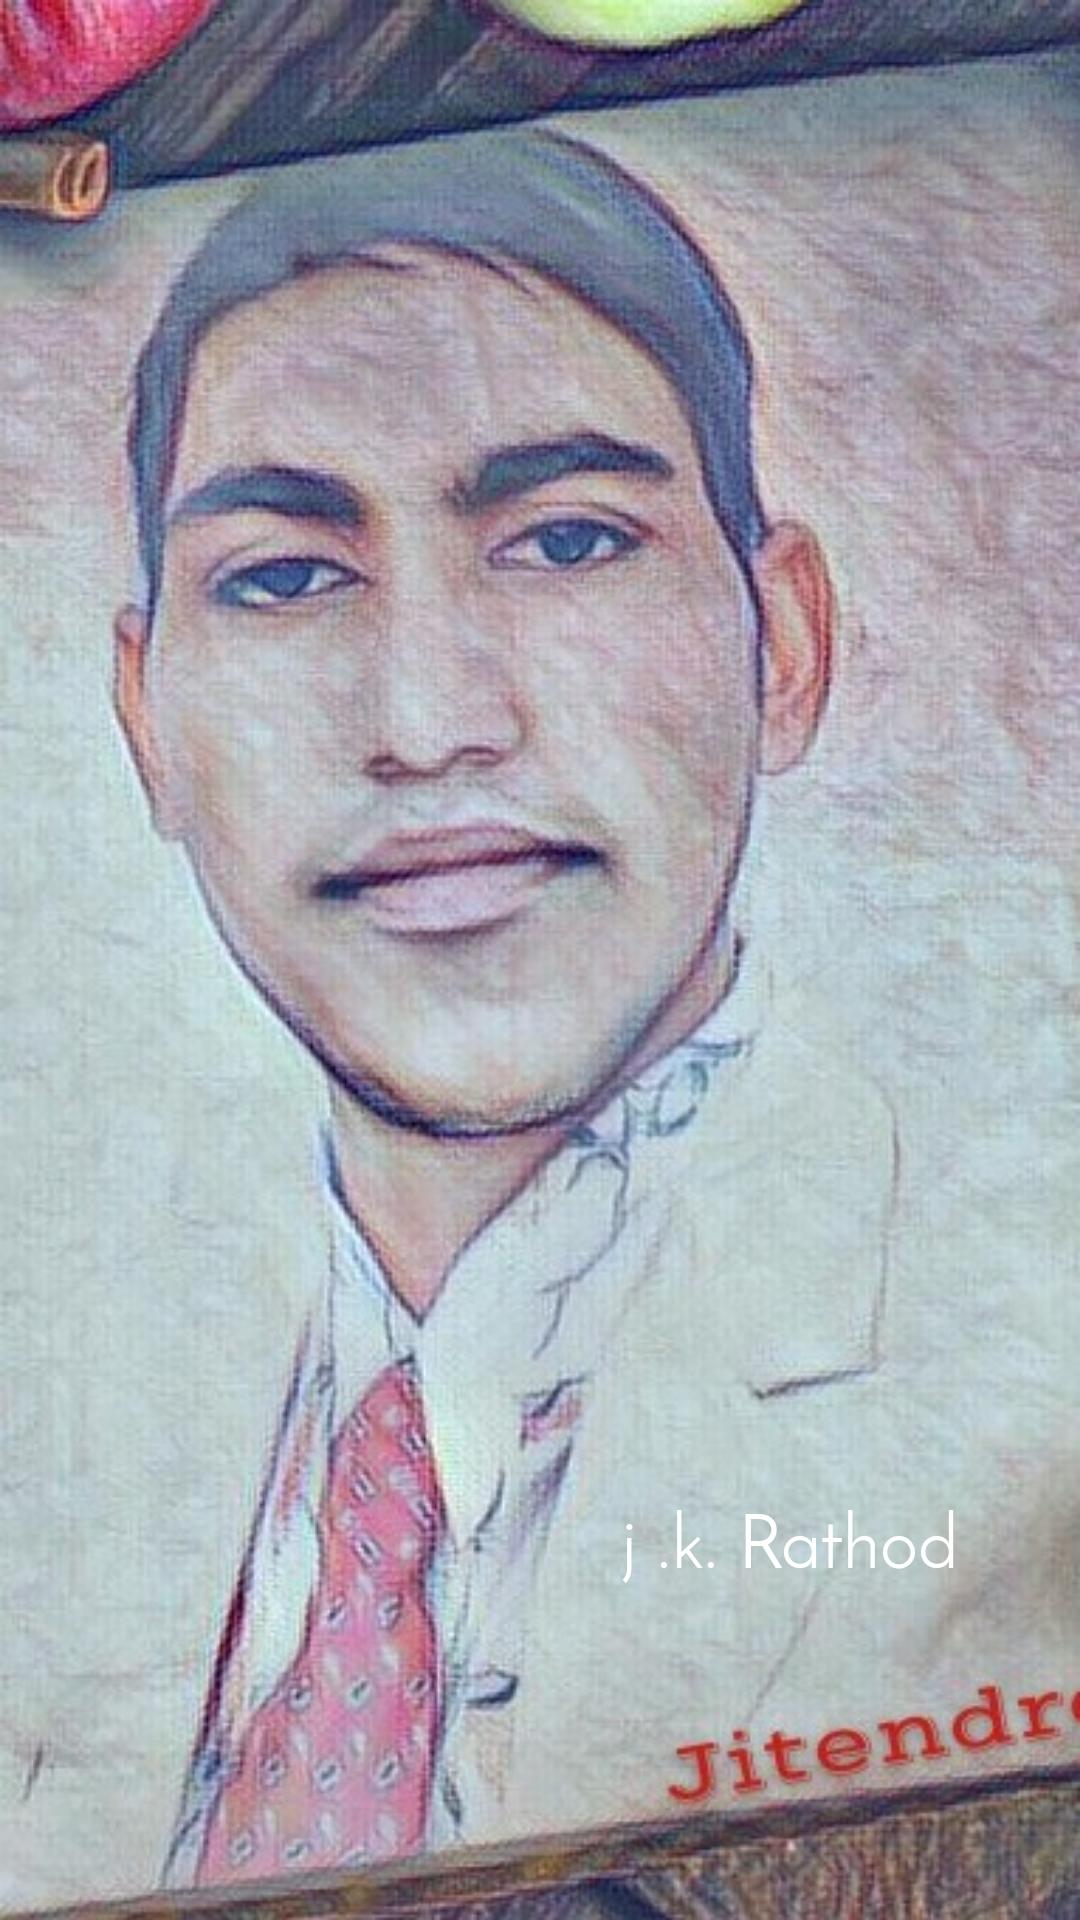 j .k. Rathod